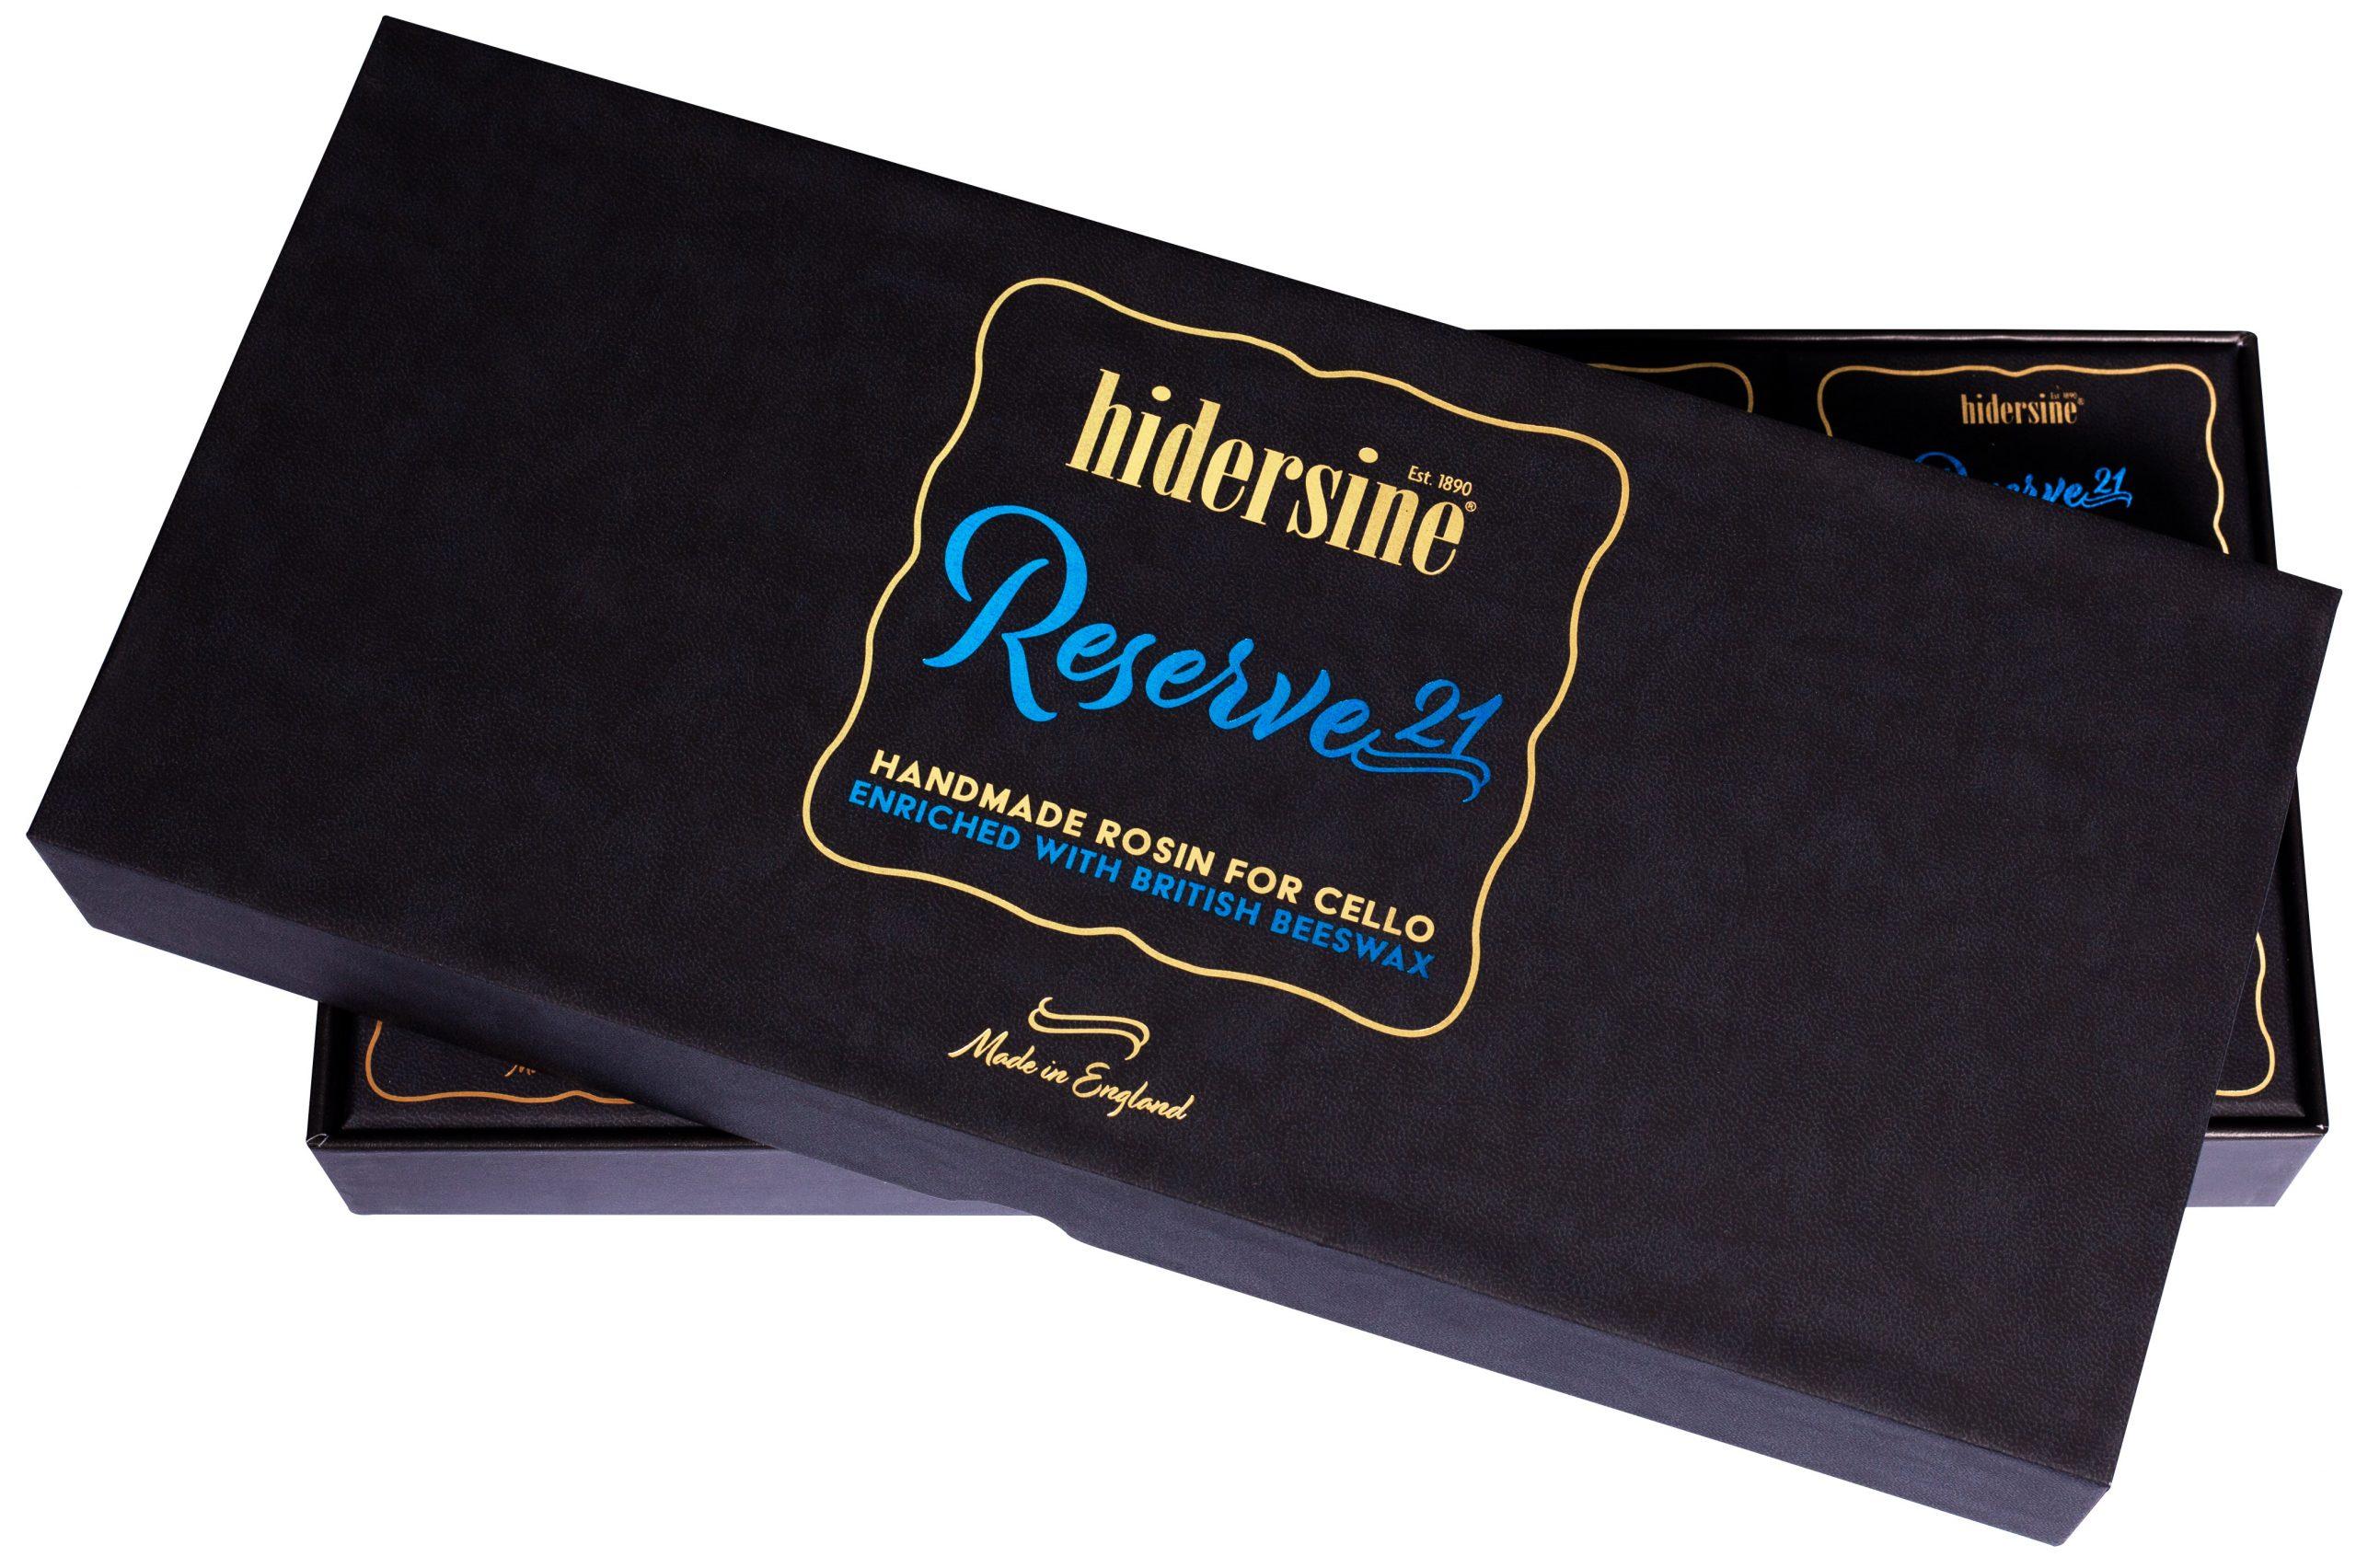 Hidersine Reserve 21 Cello